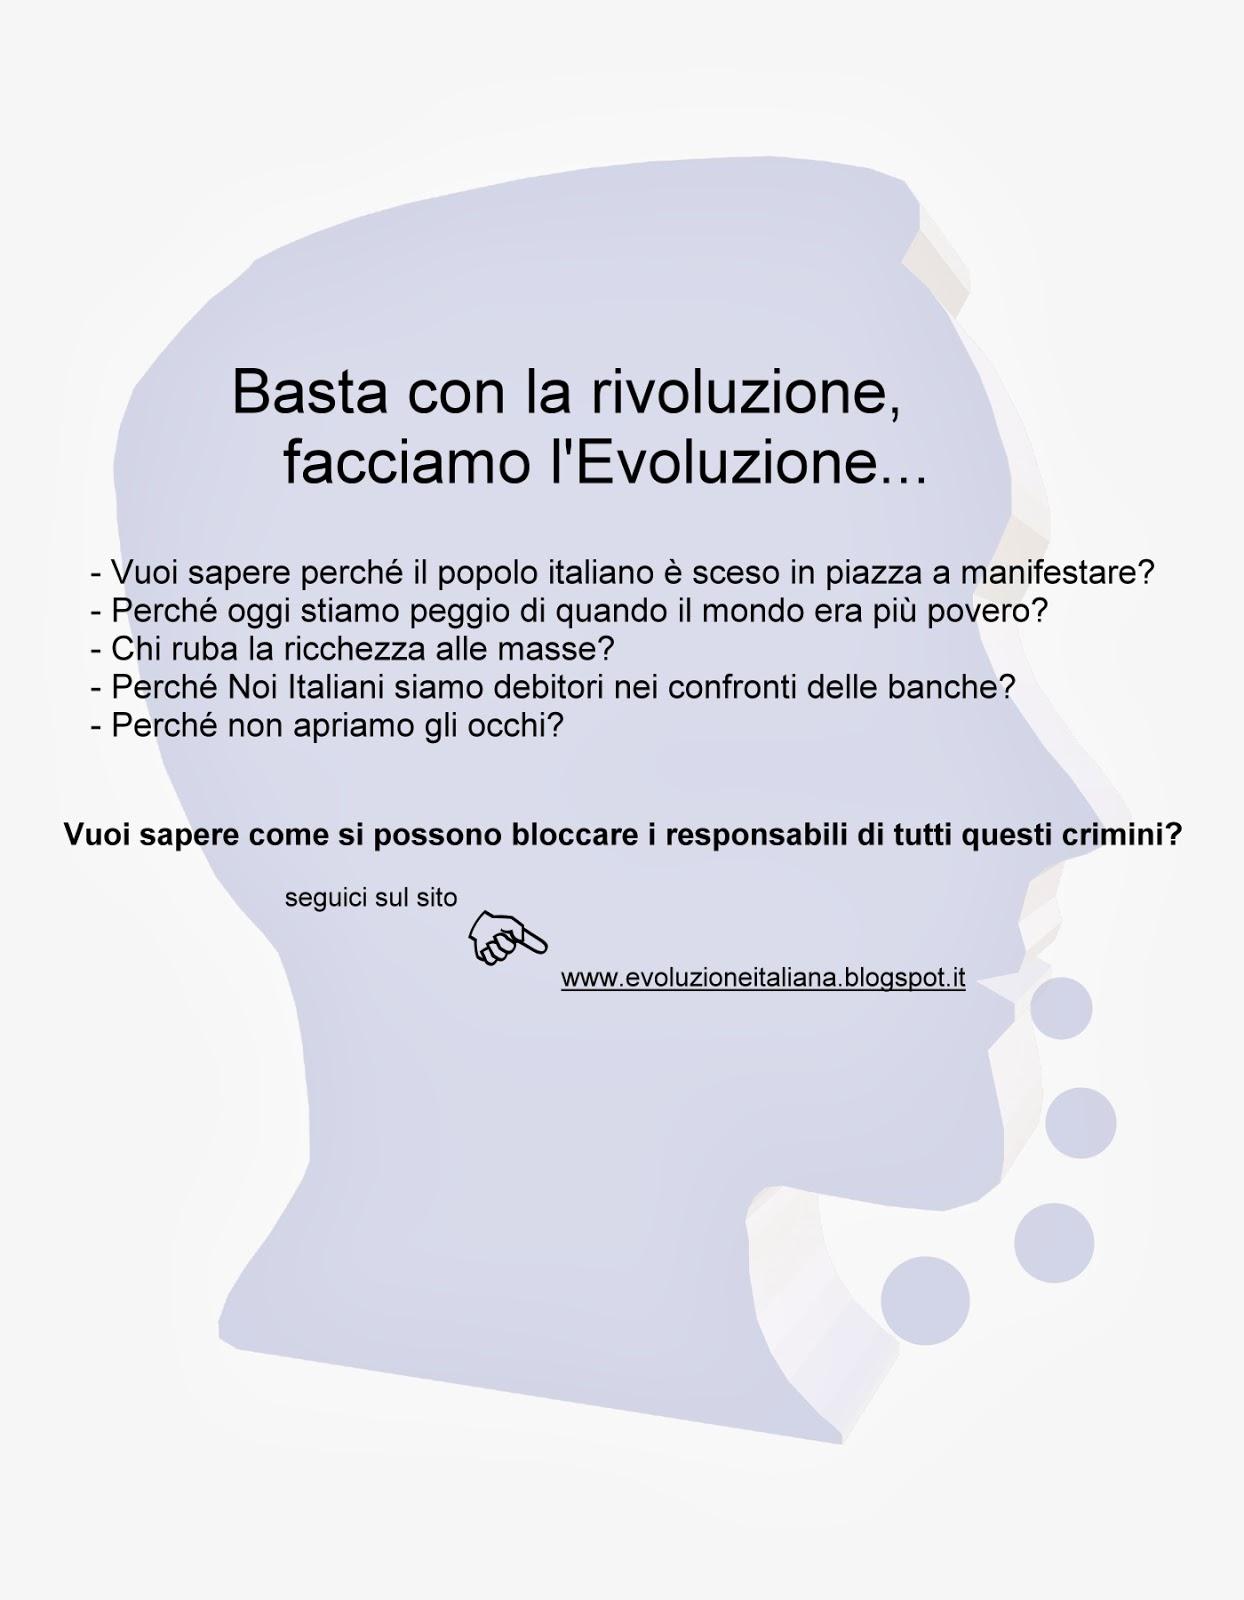 Evoluzione, NON rivoluzione - evoluzioneitaliana.blogspot.it